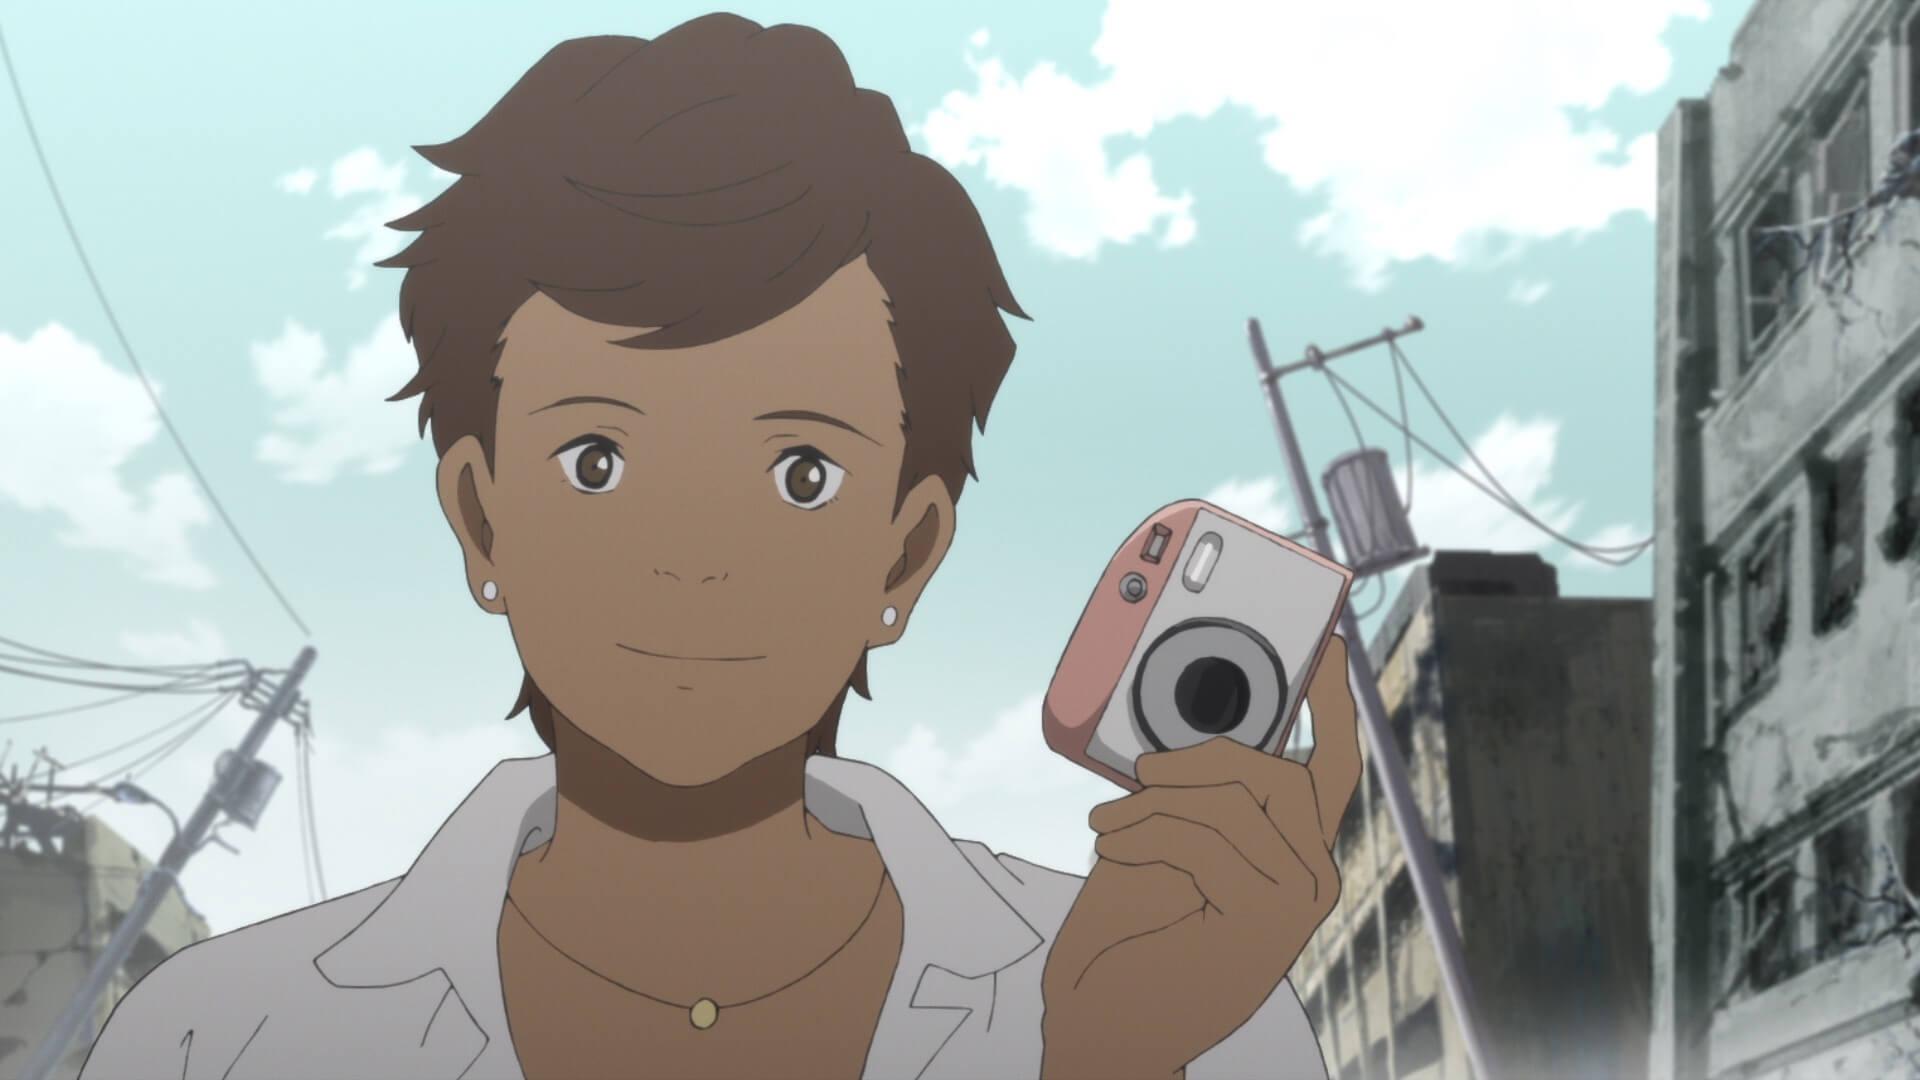 日本が沈没したのちの運命とは?Netflix『日本沈没2020』の本予告&豪華声優陣が解禁 film200529_nihonchimbotsu_4